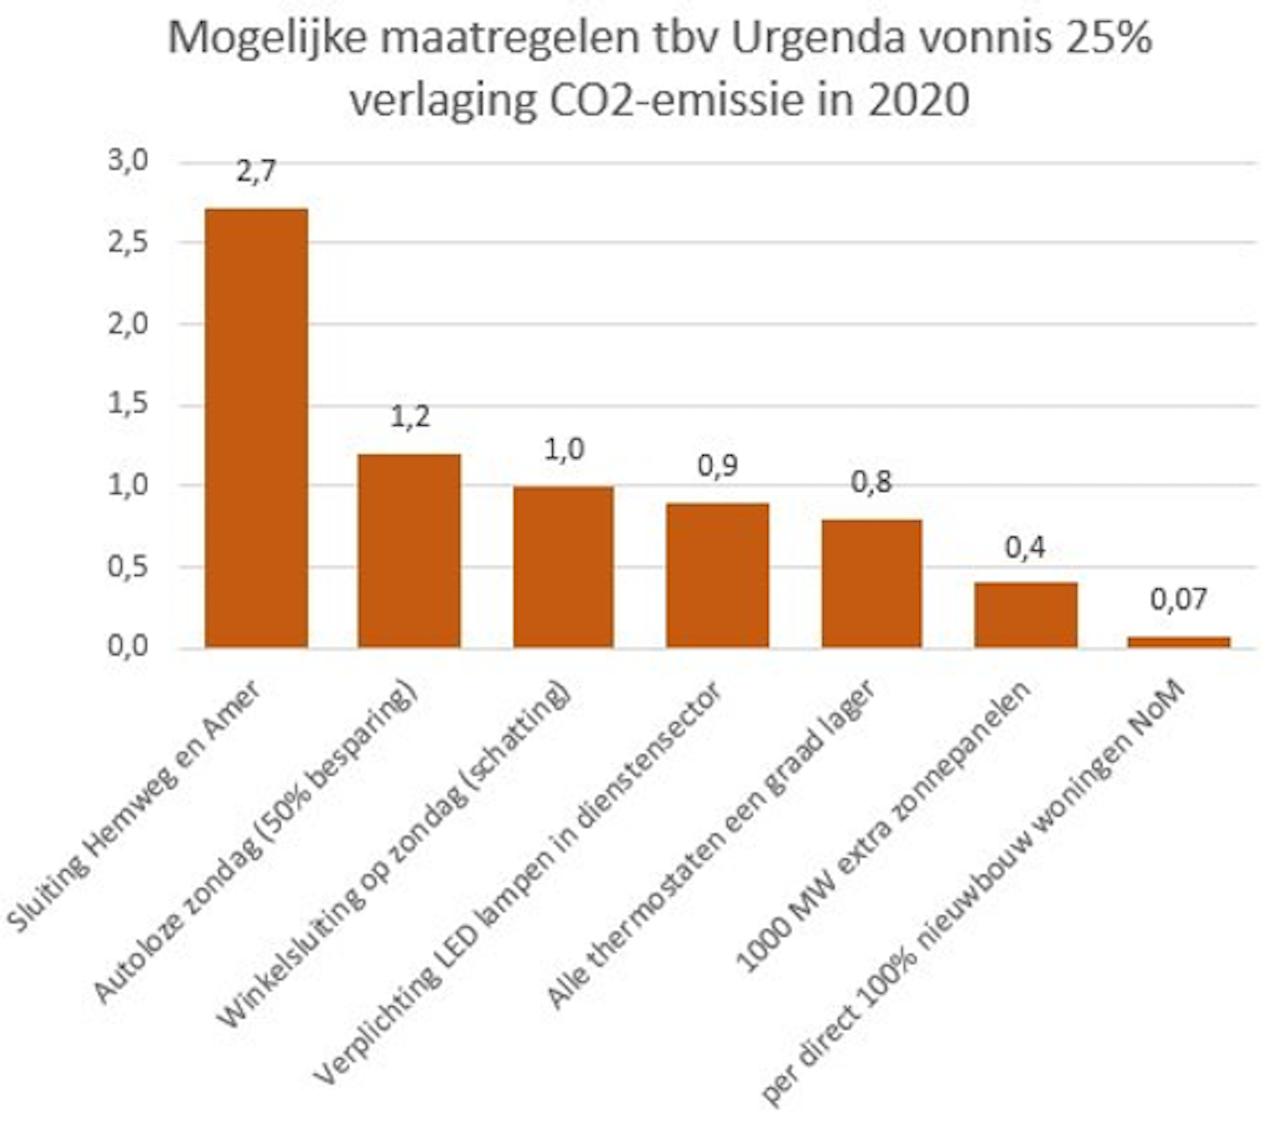 Er zijn ook andere opties om meer megatonnen CO2 te besparen. Zo stelt lector Energie & Netwerken Martien Visser van de Hanzehogeschool in Groningen.